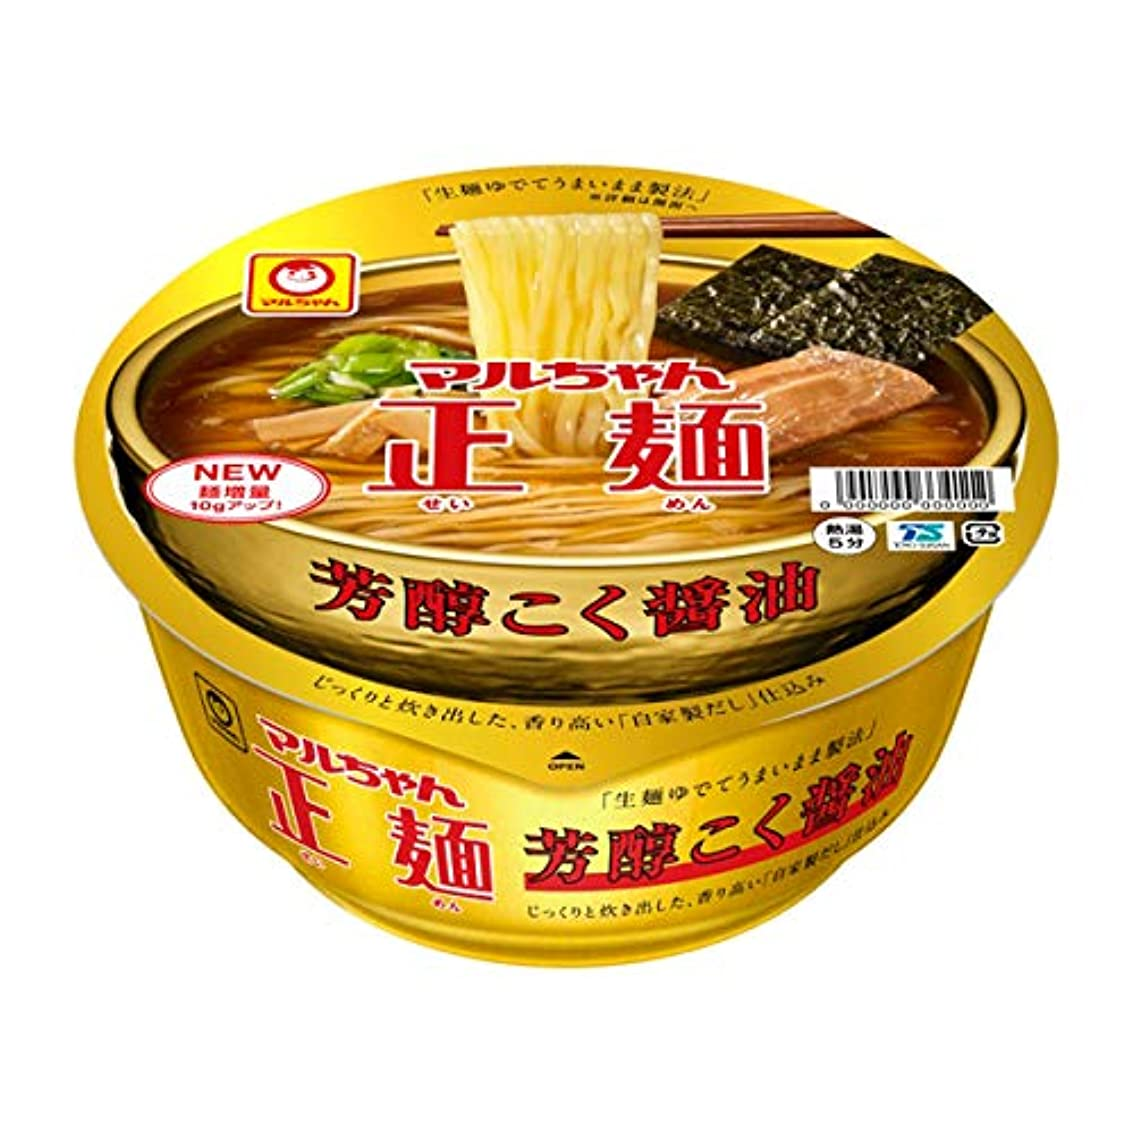 最小おとなしい効率マルちゃん 正麺カップ芳醇こく醤油 119g×12個入り (1ケース)